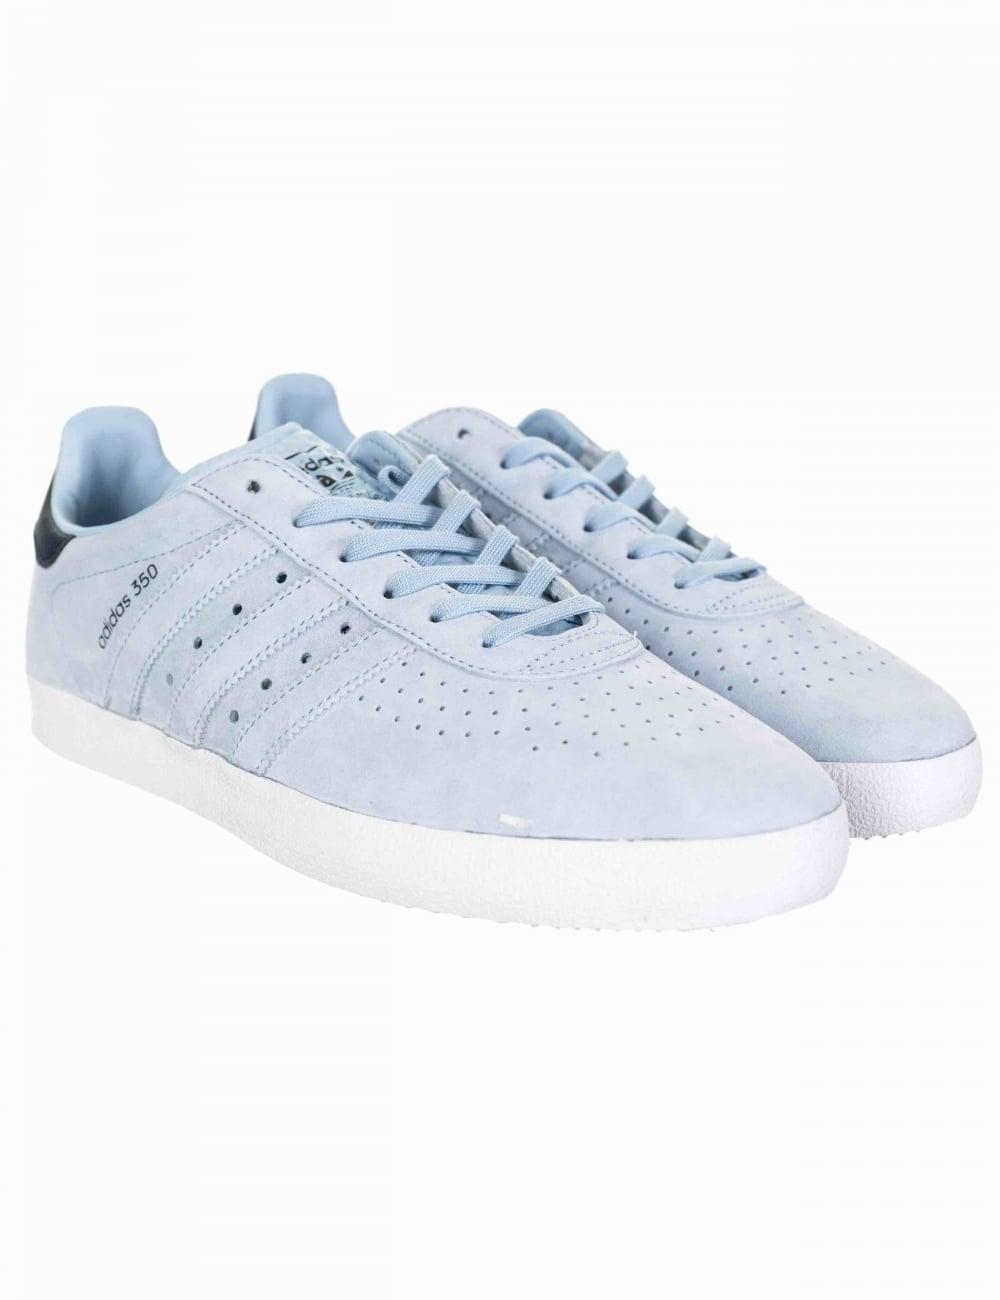 65e664b0c53e4 Adidas Originals 350 Shoes - Easy Blue Collegiate Navy - Footwear ...